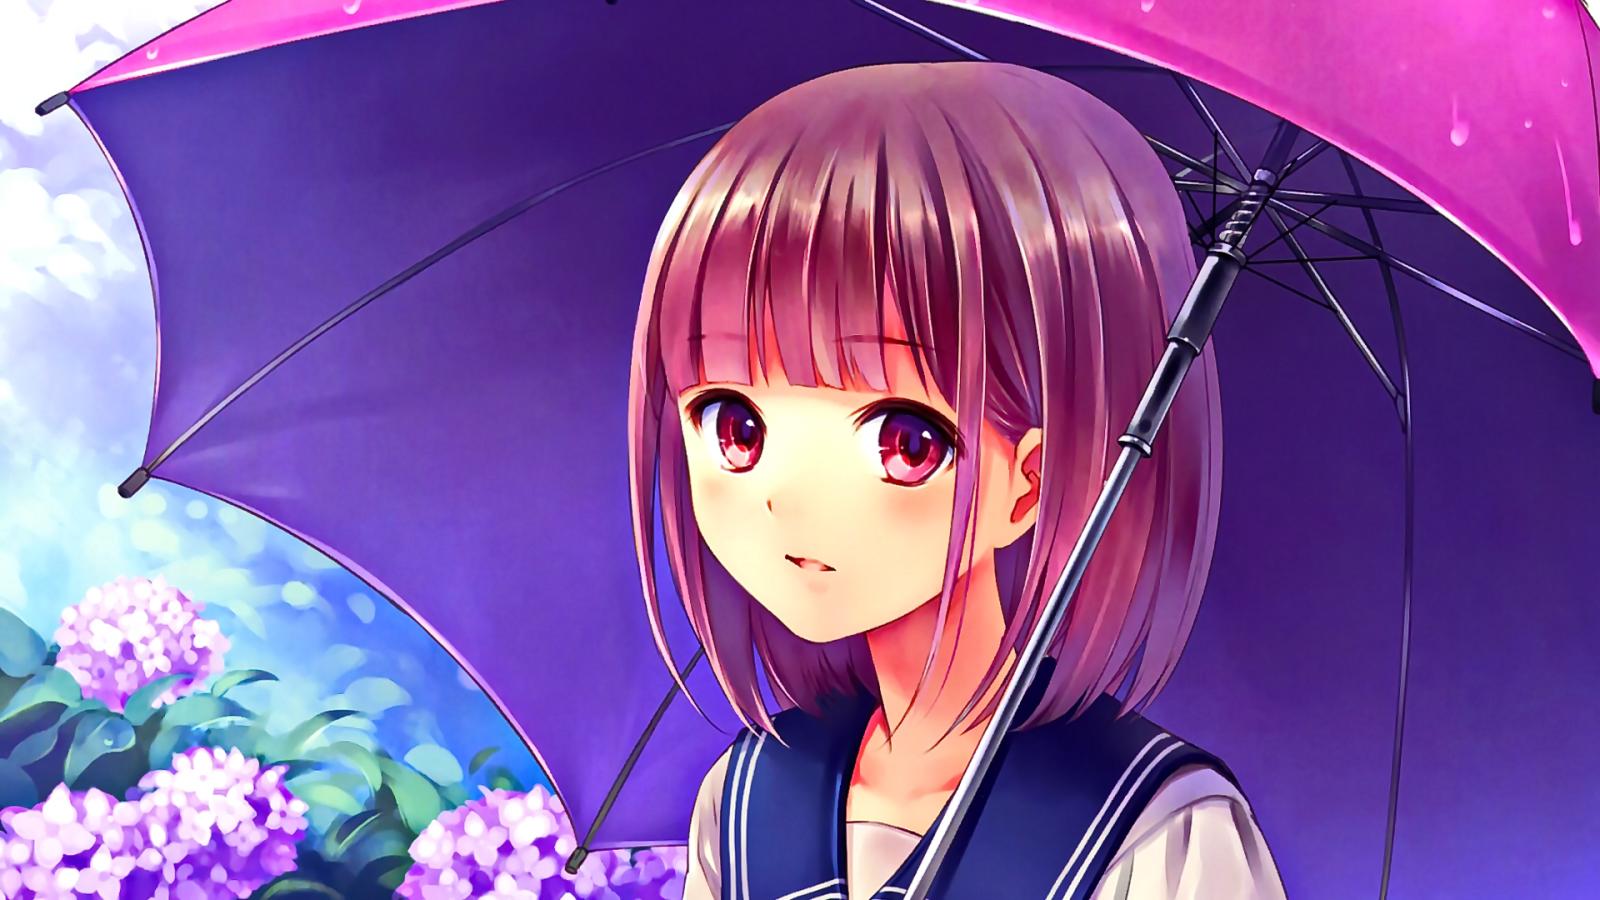 Wallpaper : long hair, anime girls, brunette, open mouth